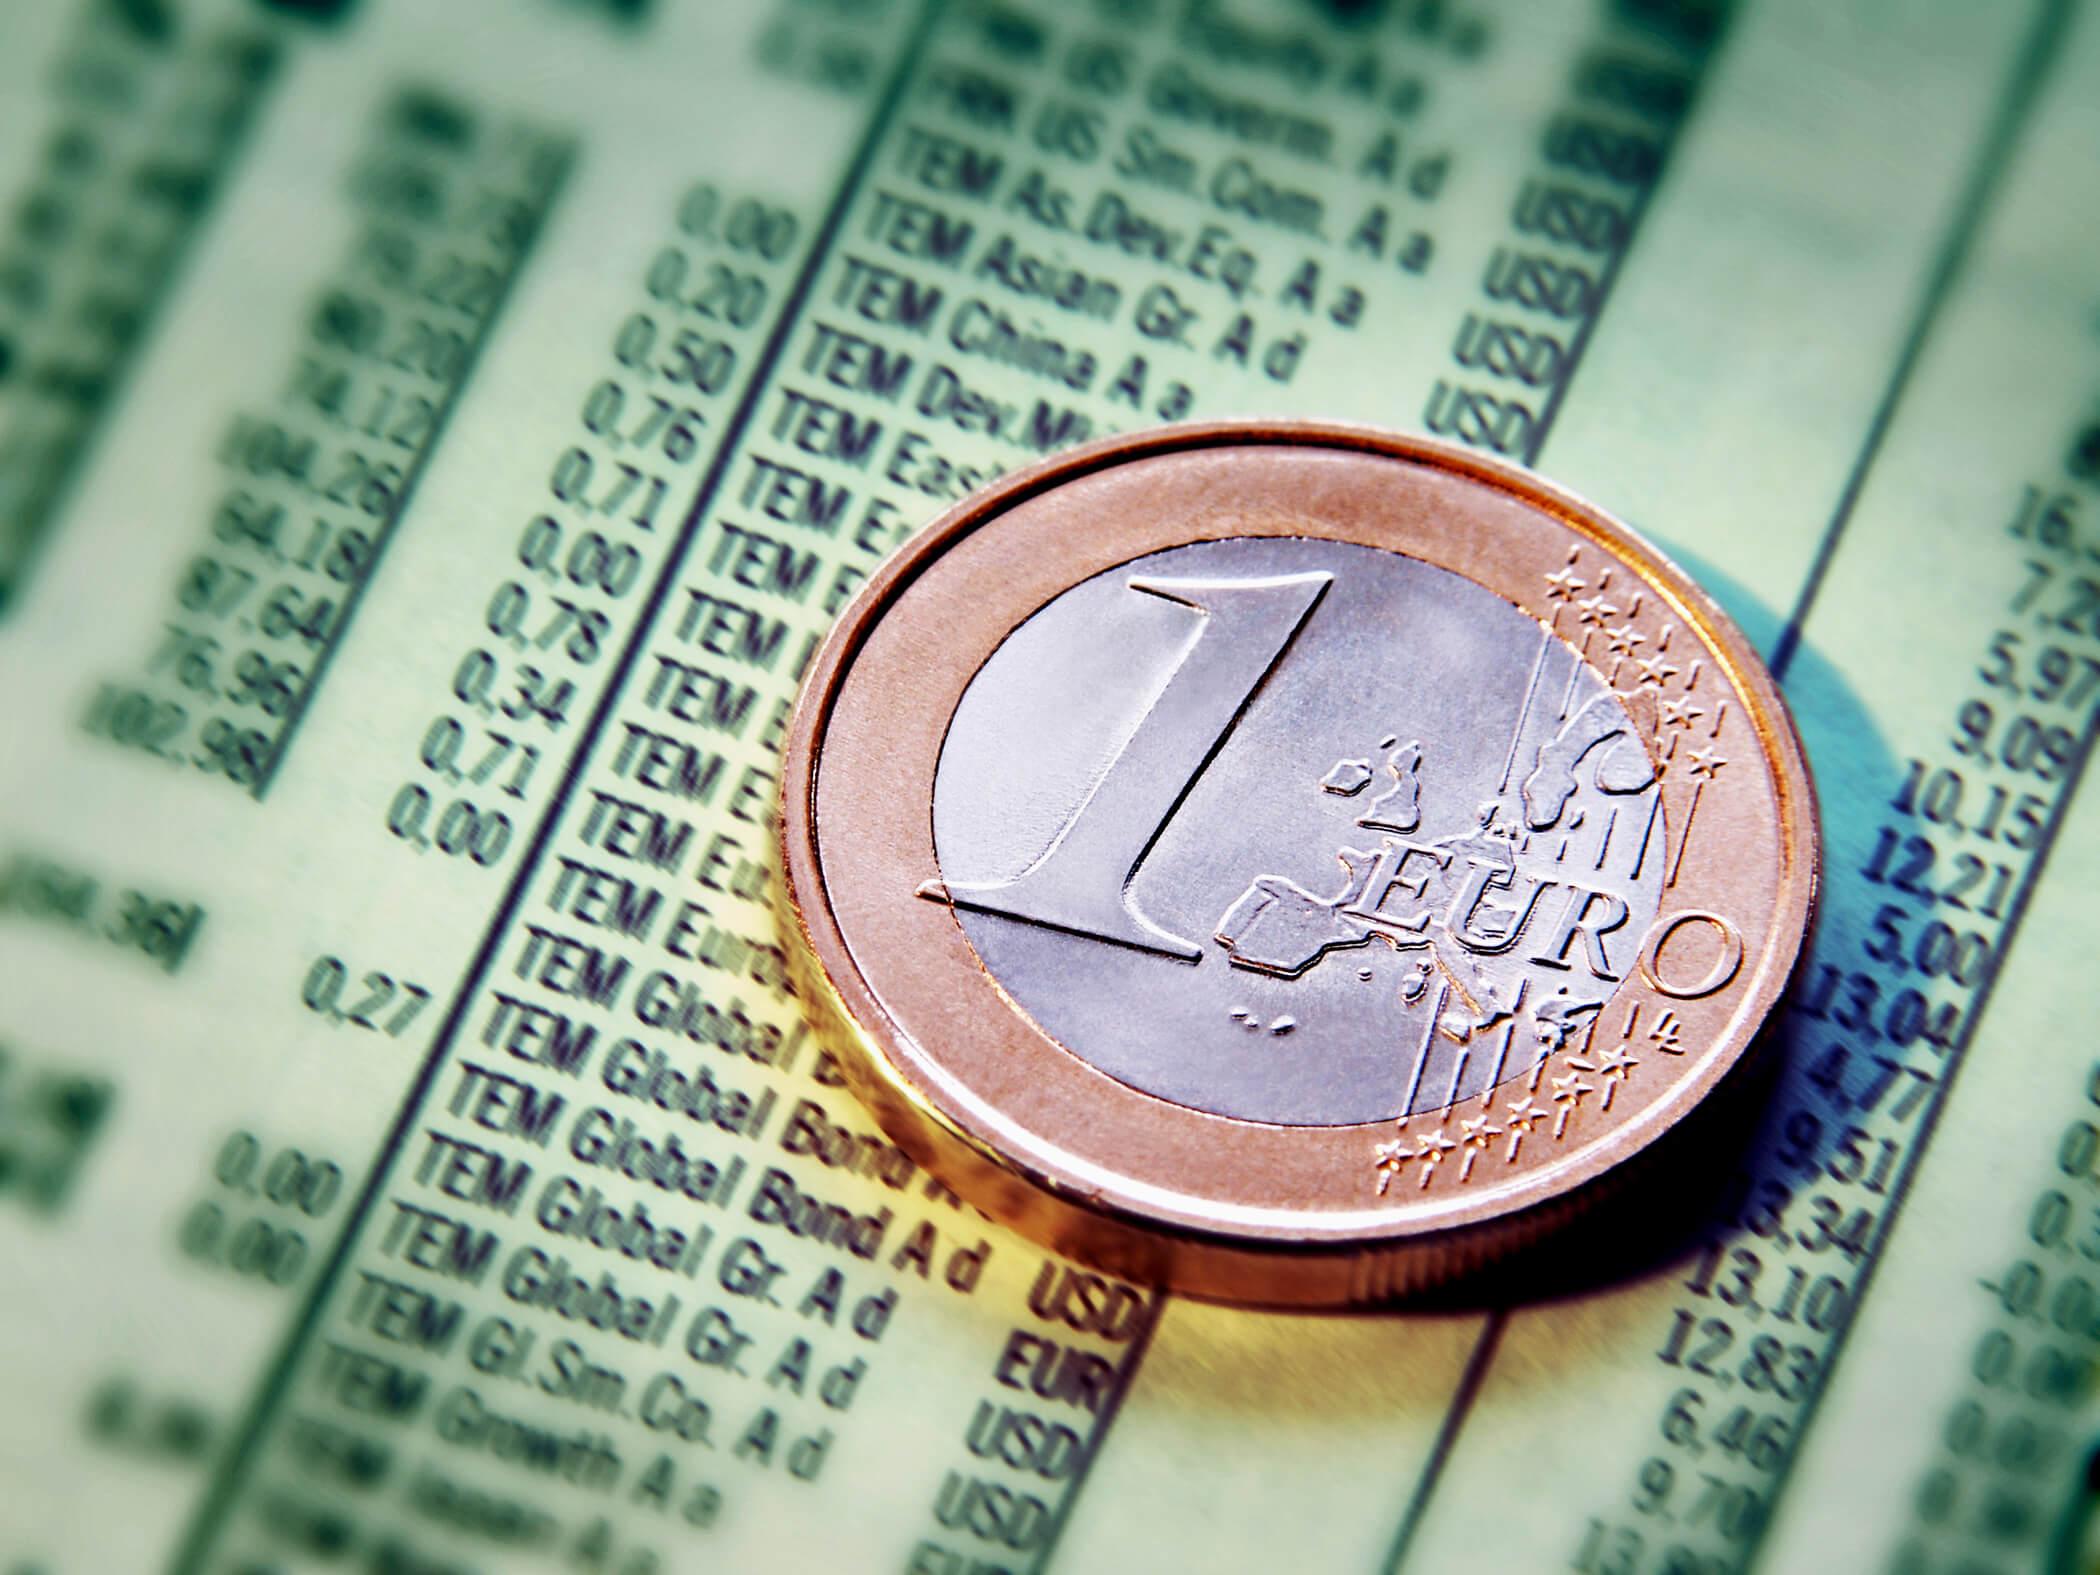 住民税の特別徴収と普通徴収の違いについて解説